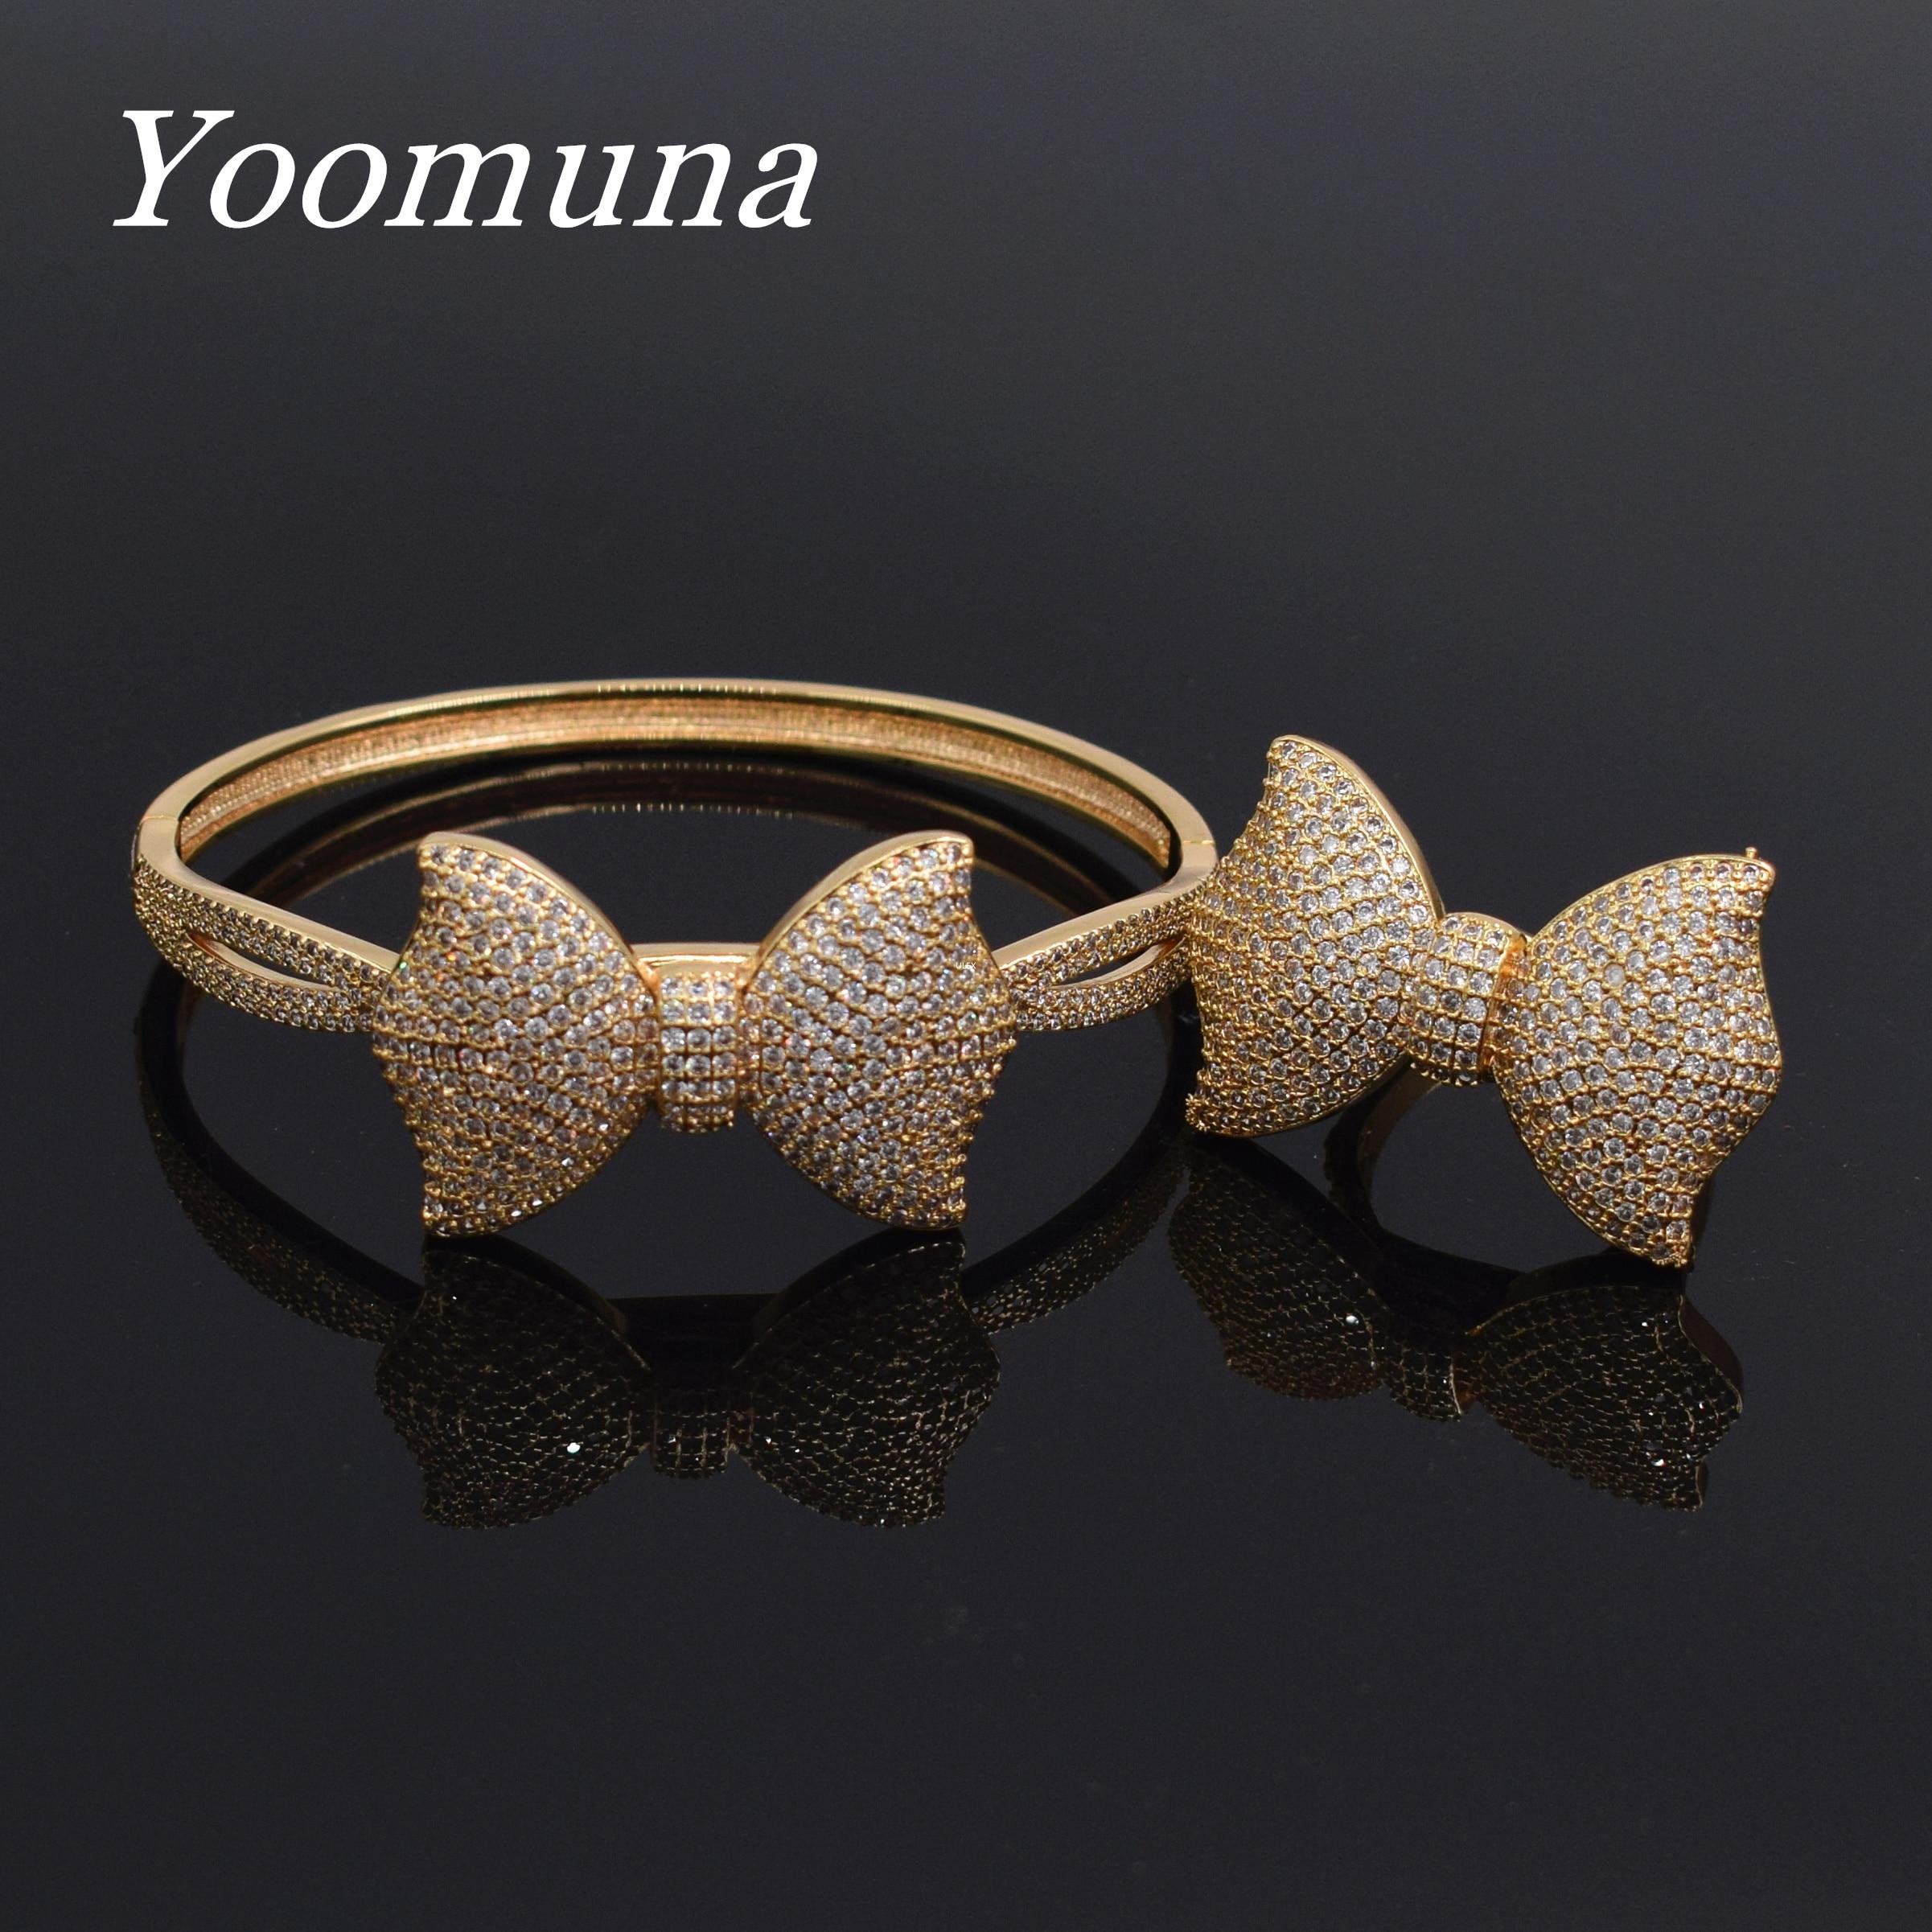 2019 Bracelets de mode de luxe et Bracelets arc ajusté AAA zircon cubique large Bracelets bague ensemble de bijoux pour femmes S1